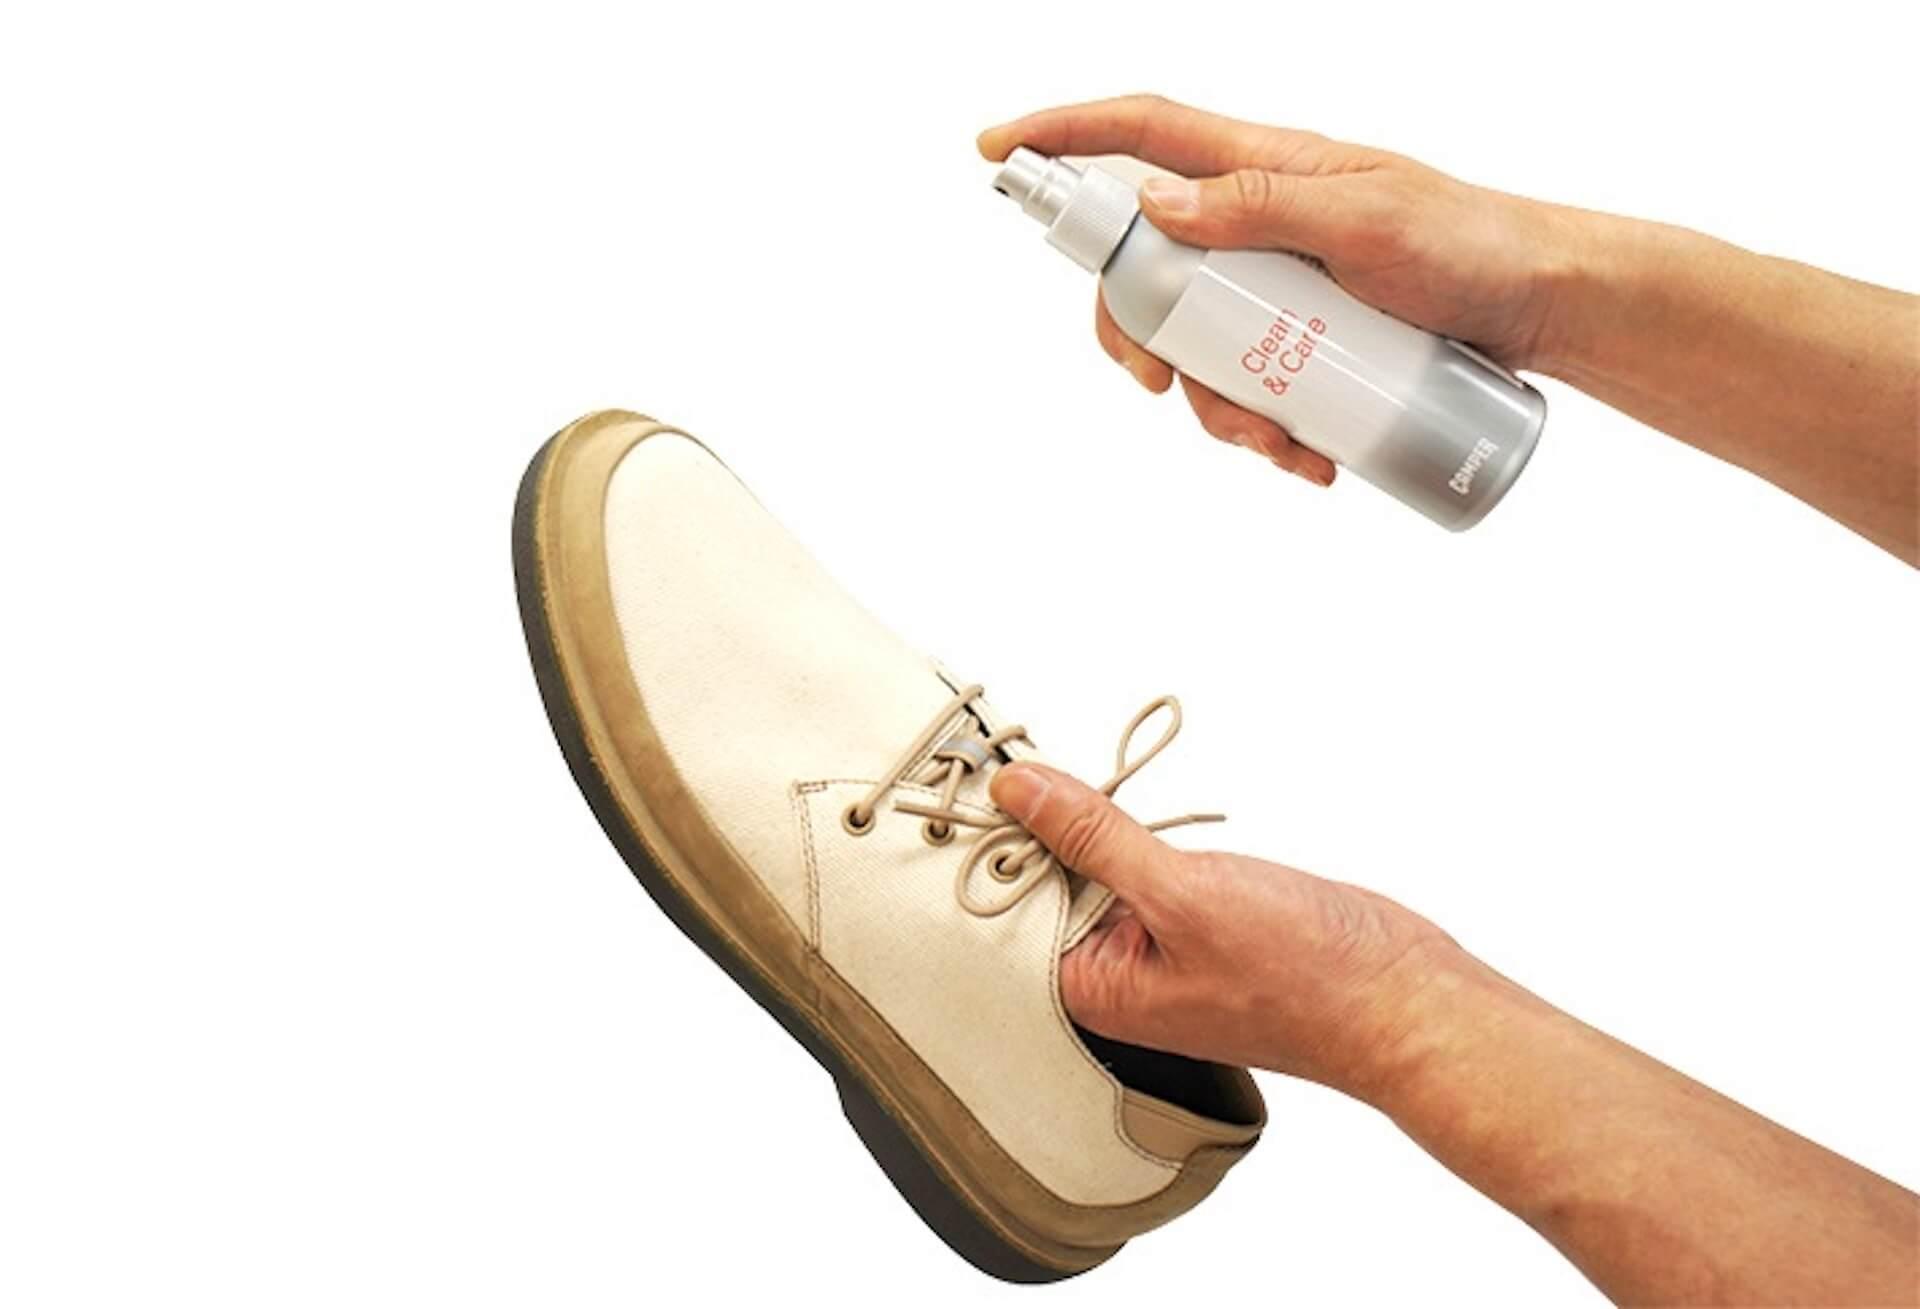 おうち時間にCAMPERのケアグッズを使って、毎日履く靴をお手入れしよう!自宅でできる簡単お手入れ方法をご紹介 lf200518_camper_15